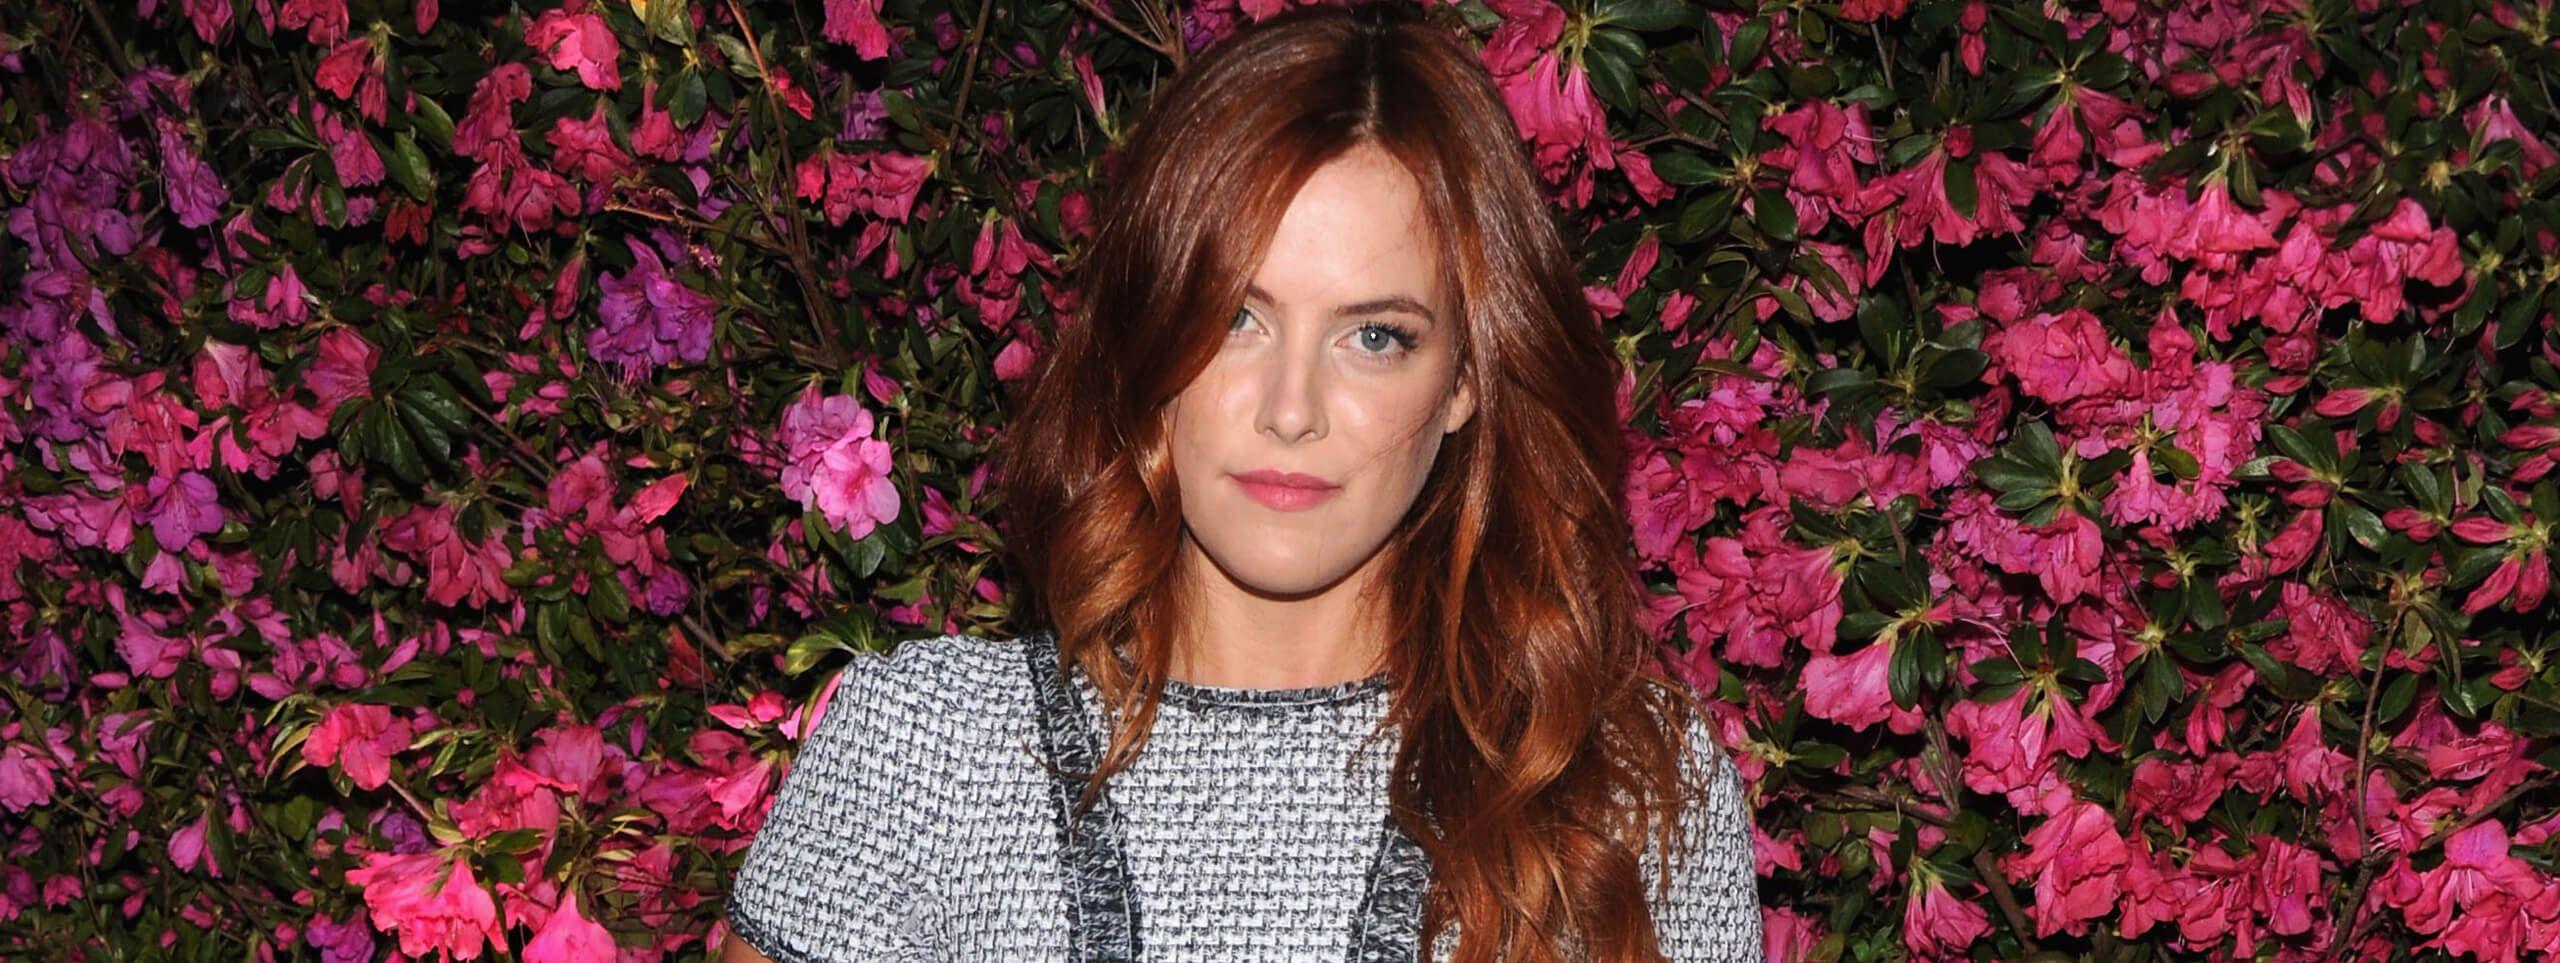 Riley Keough con acconciatura capelli rossi